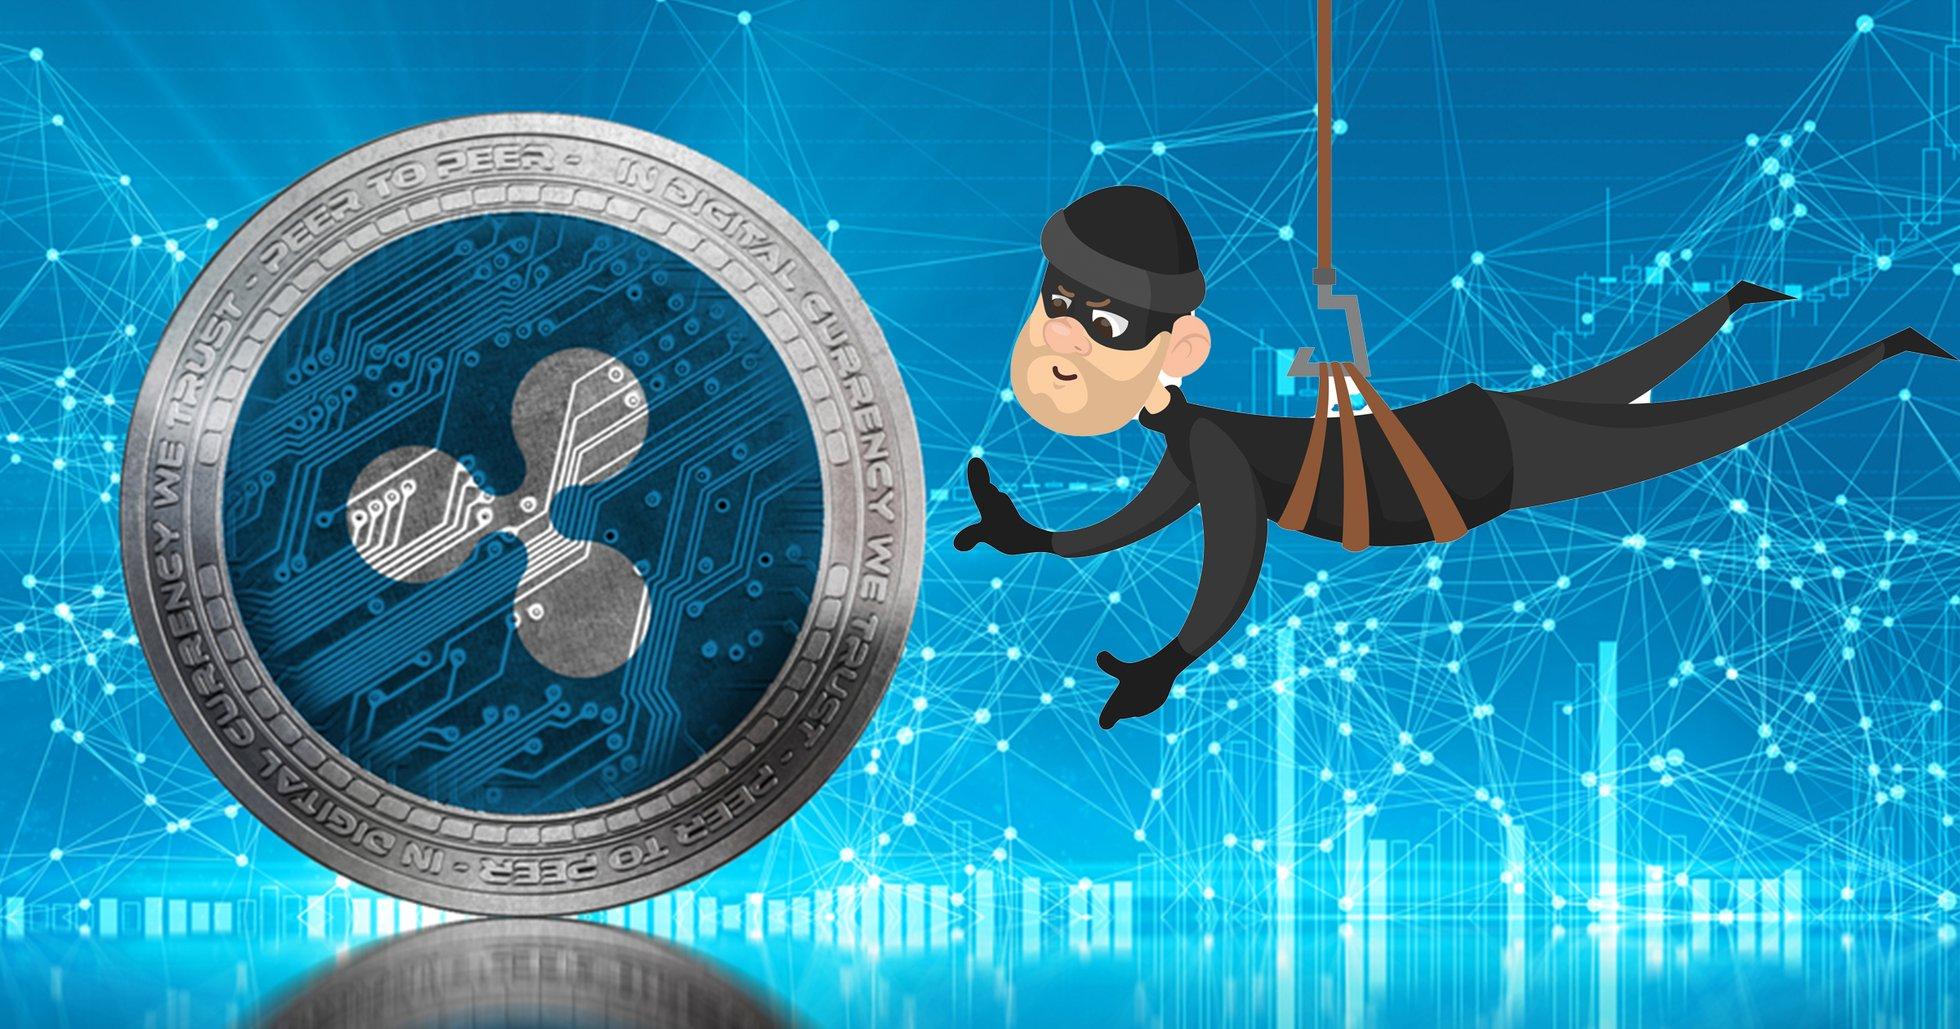 Börsen Bitrue hackad – 41 miljoner i kryptovalutor stulna